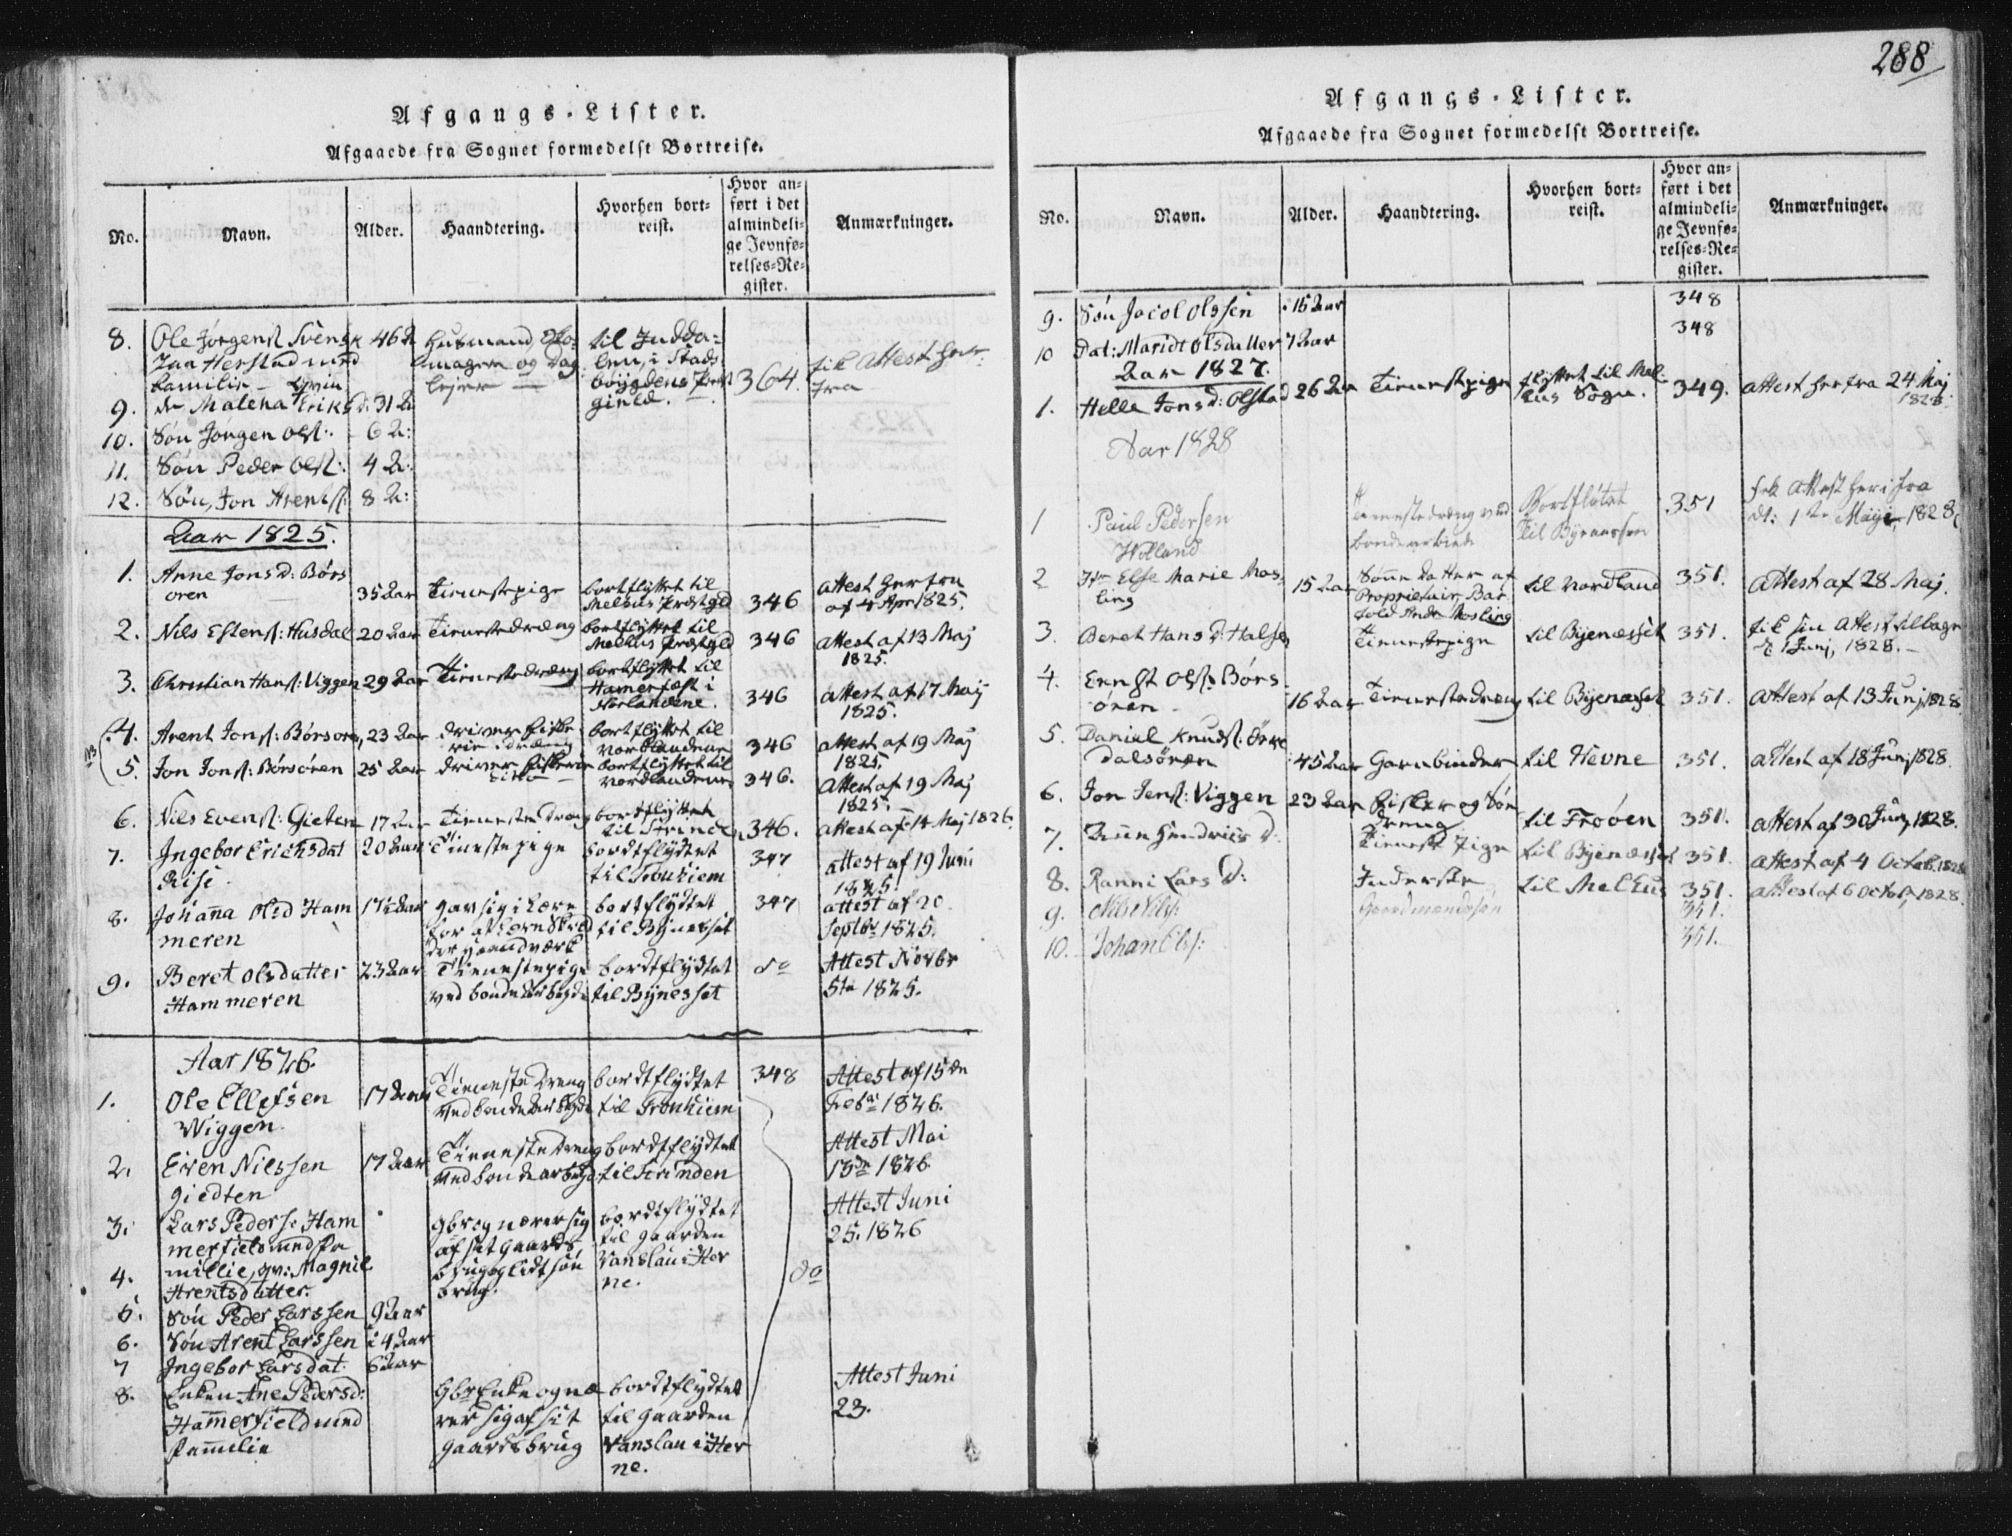 SAT, Ministerialprotokoller, klokkerbøker og fødselsregistre - Sør-Trøndelag, 665/L0770: Ministerialbok nr. 665A05, 1817-1829, s. 288